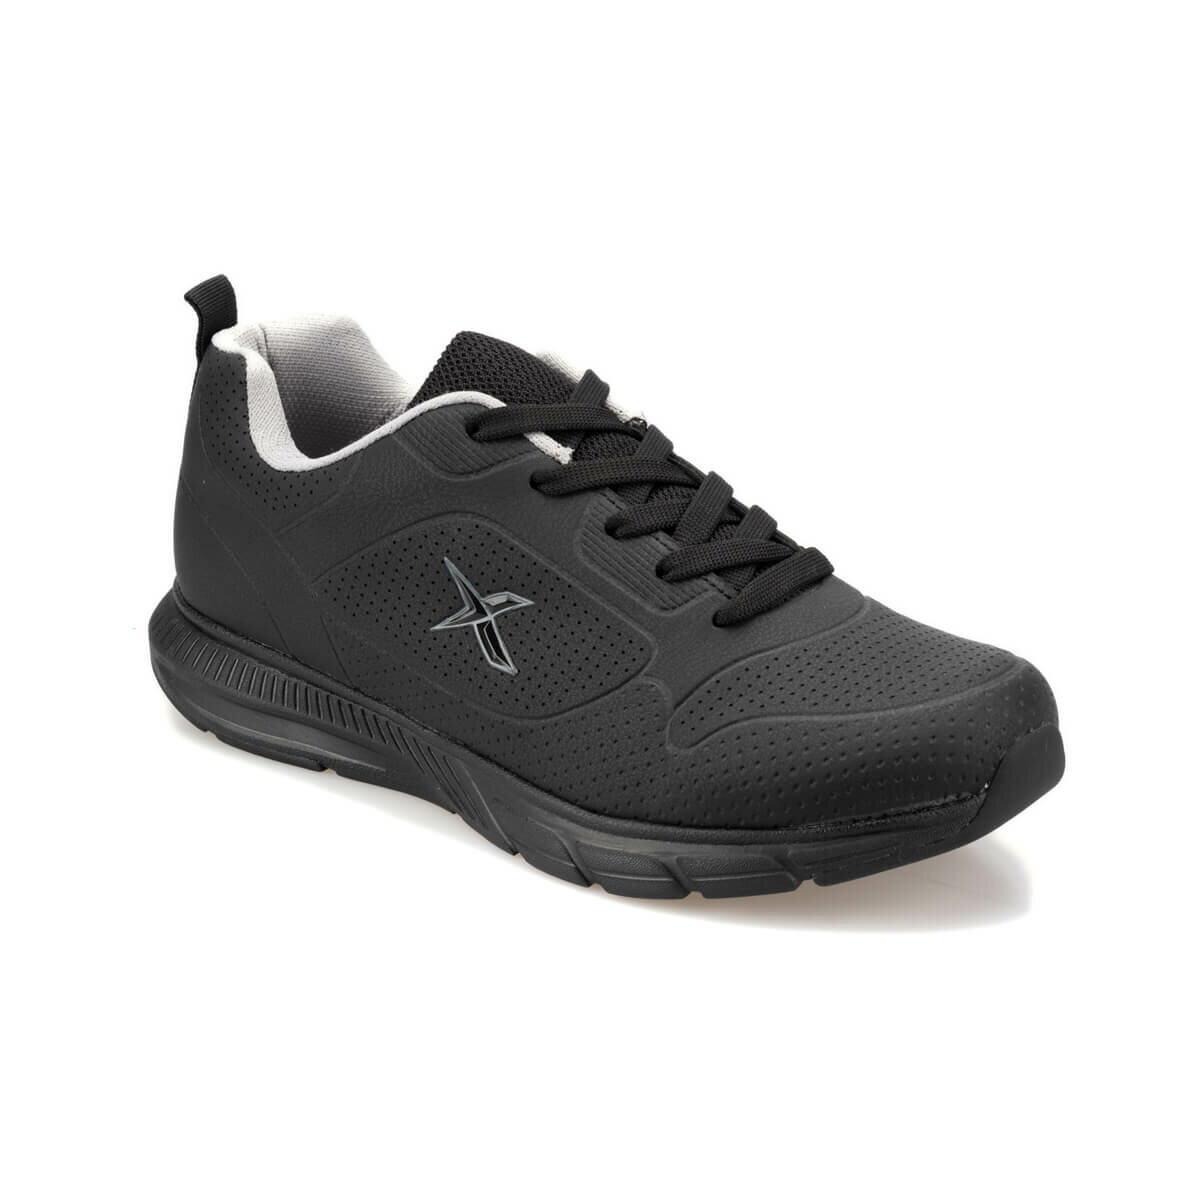 FLO MONET W 9PR Black Women 'S Sneaker Shoes KINETIX